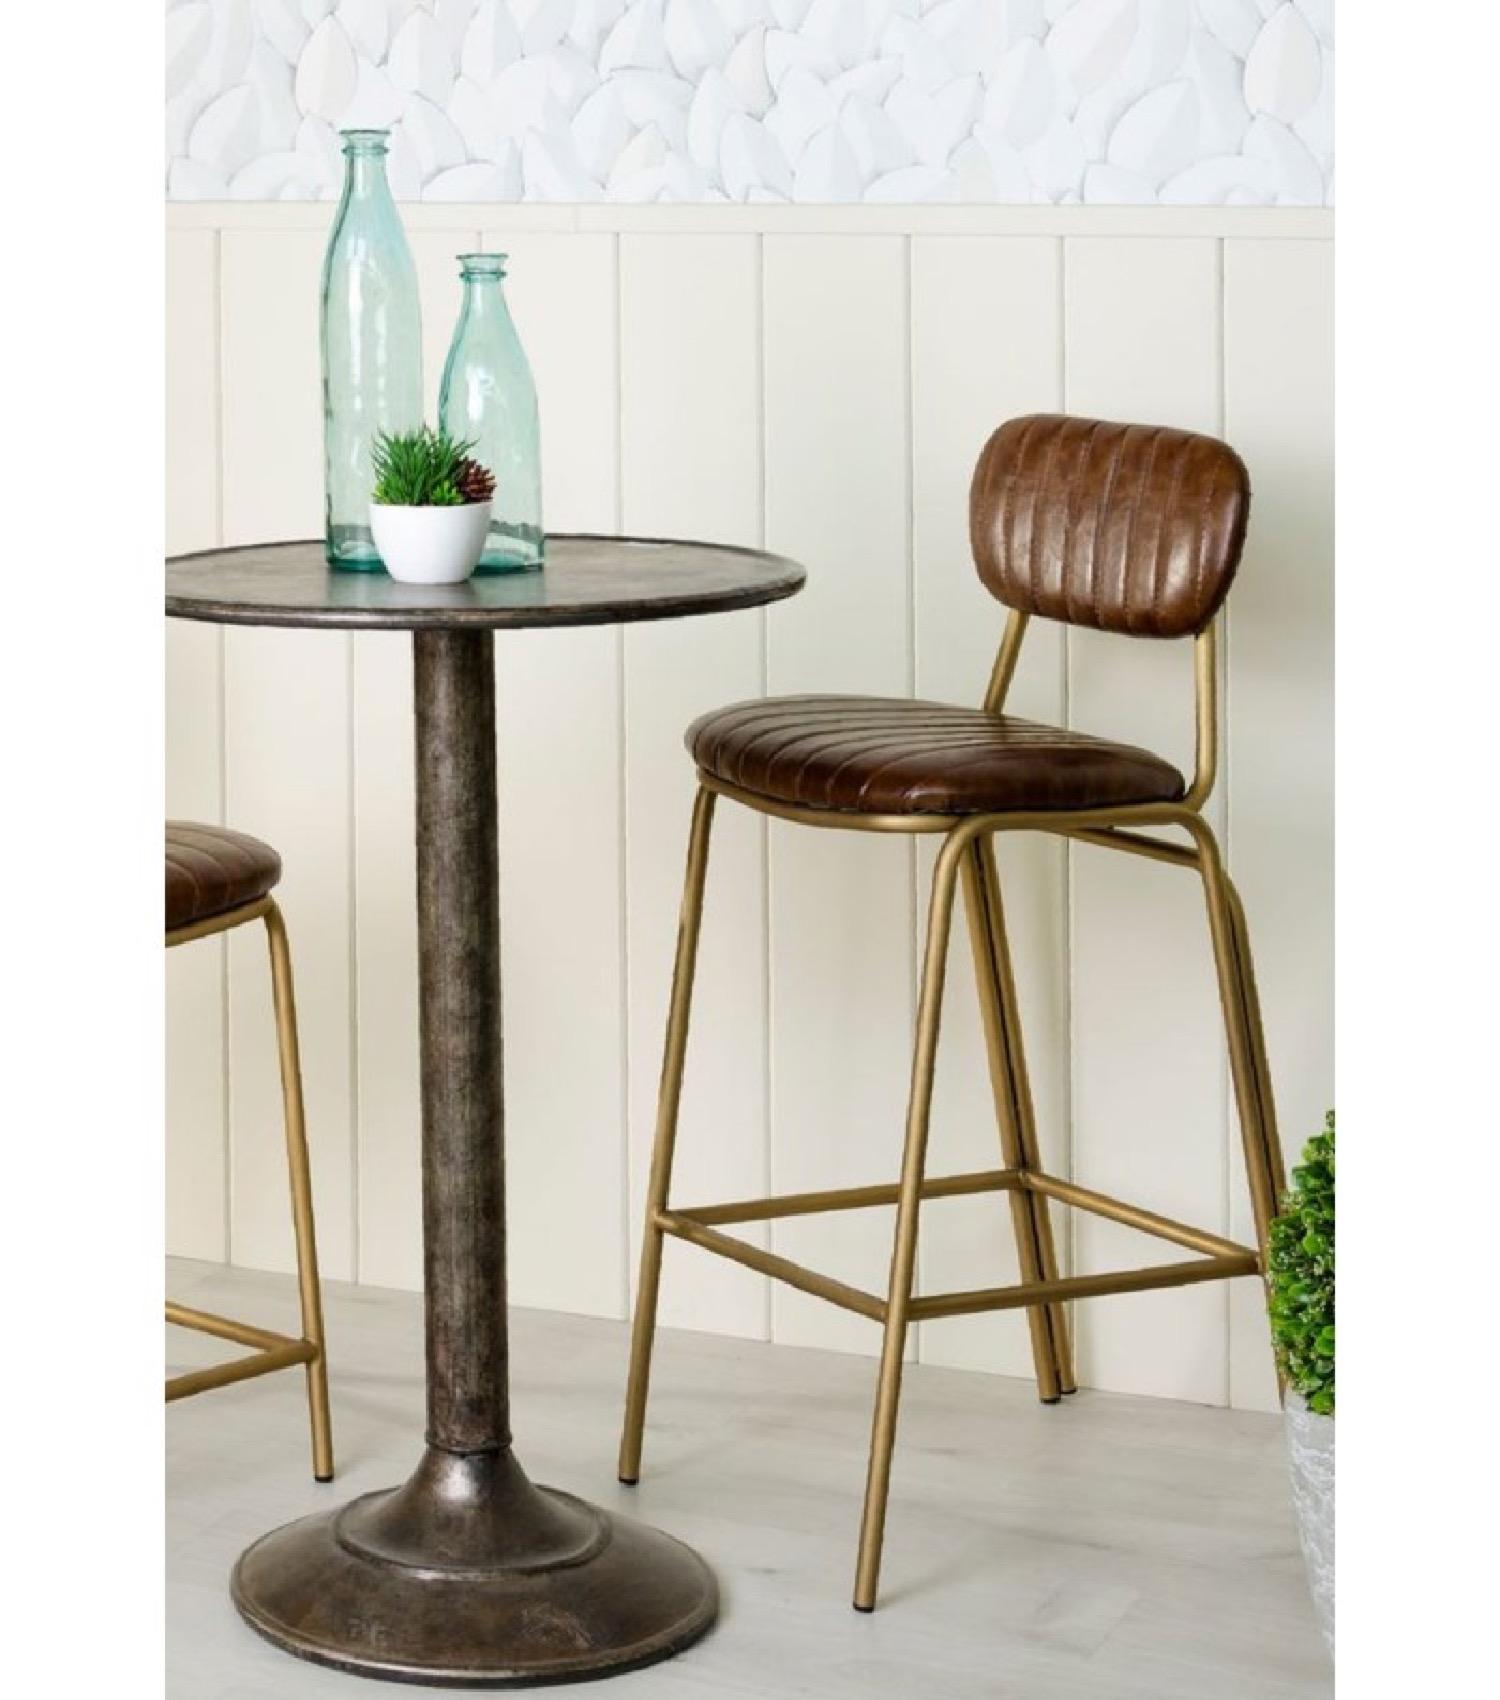 Tabouret de bar métal doré et assise marron